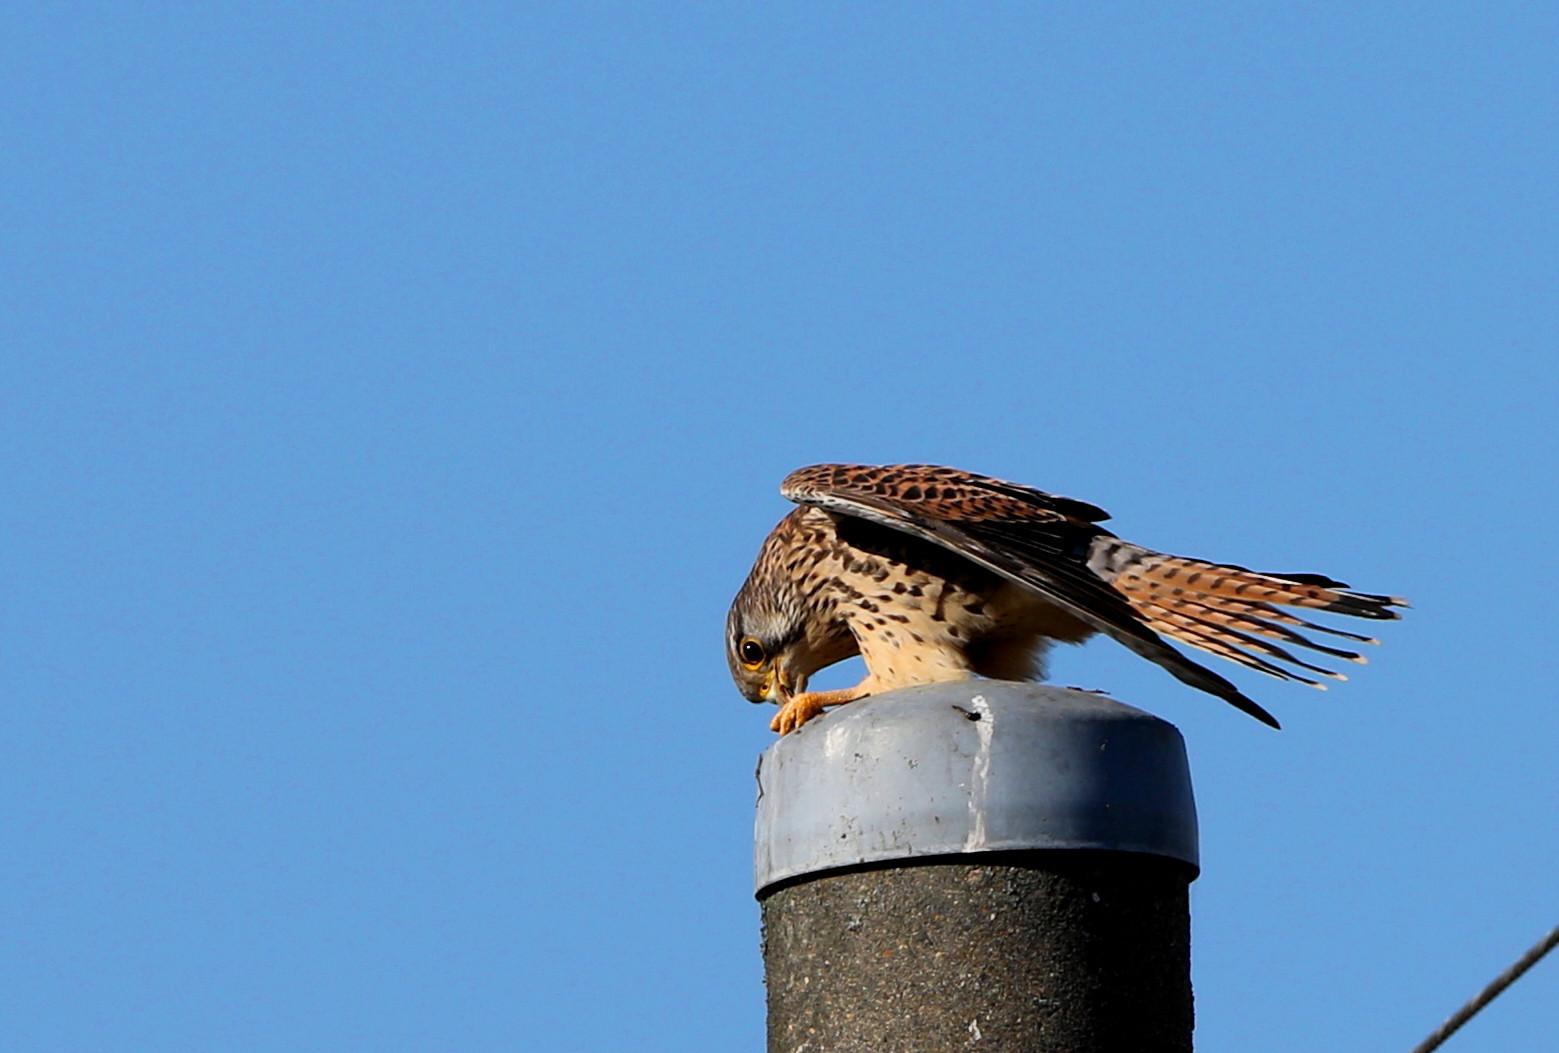 田んぼの探鳥で(チョウゲンボウ)_f0239515_16593541.jpg